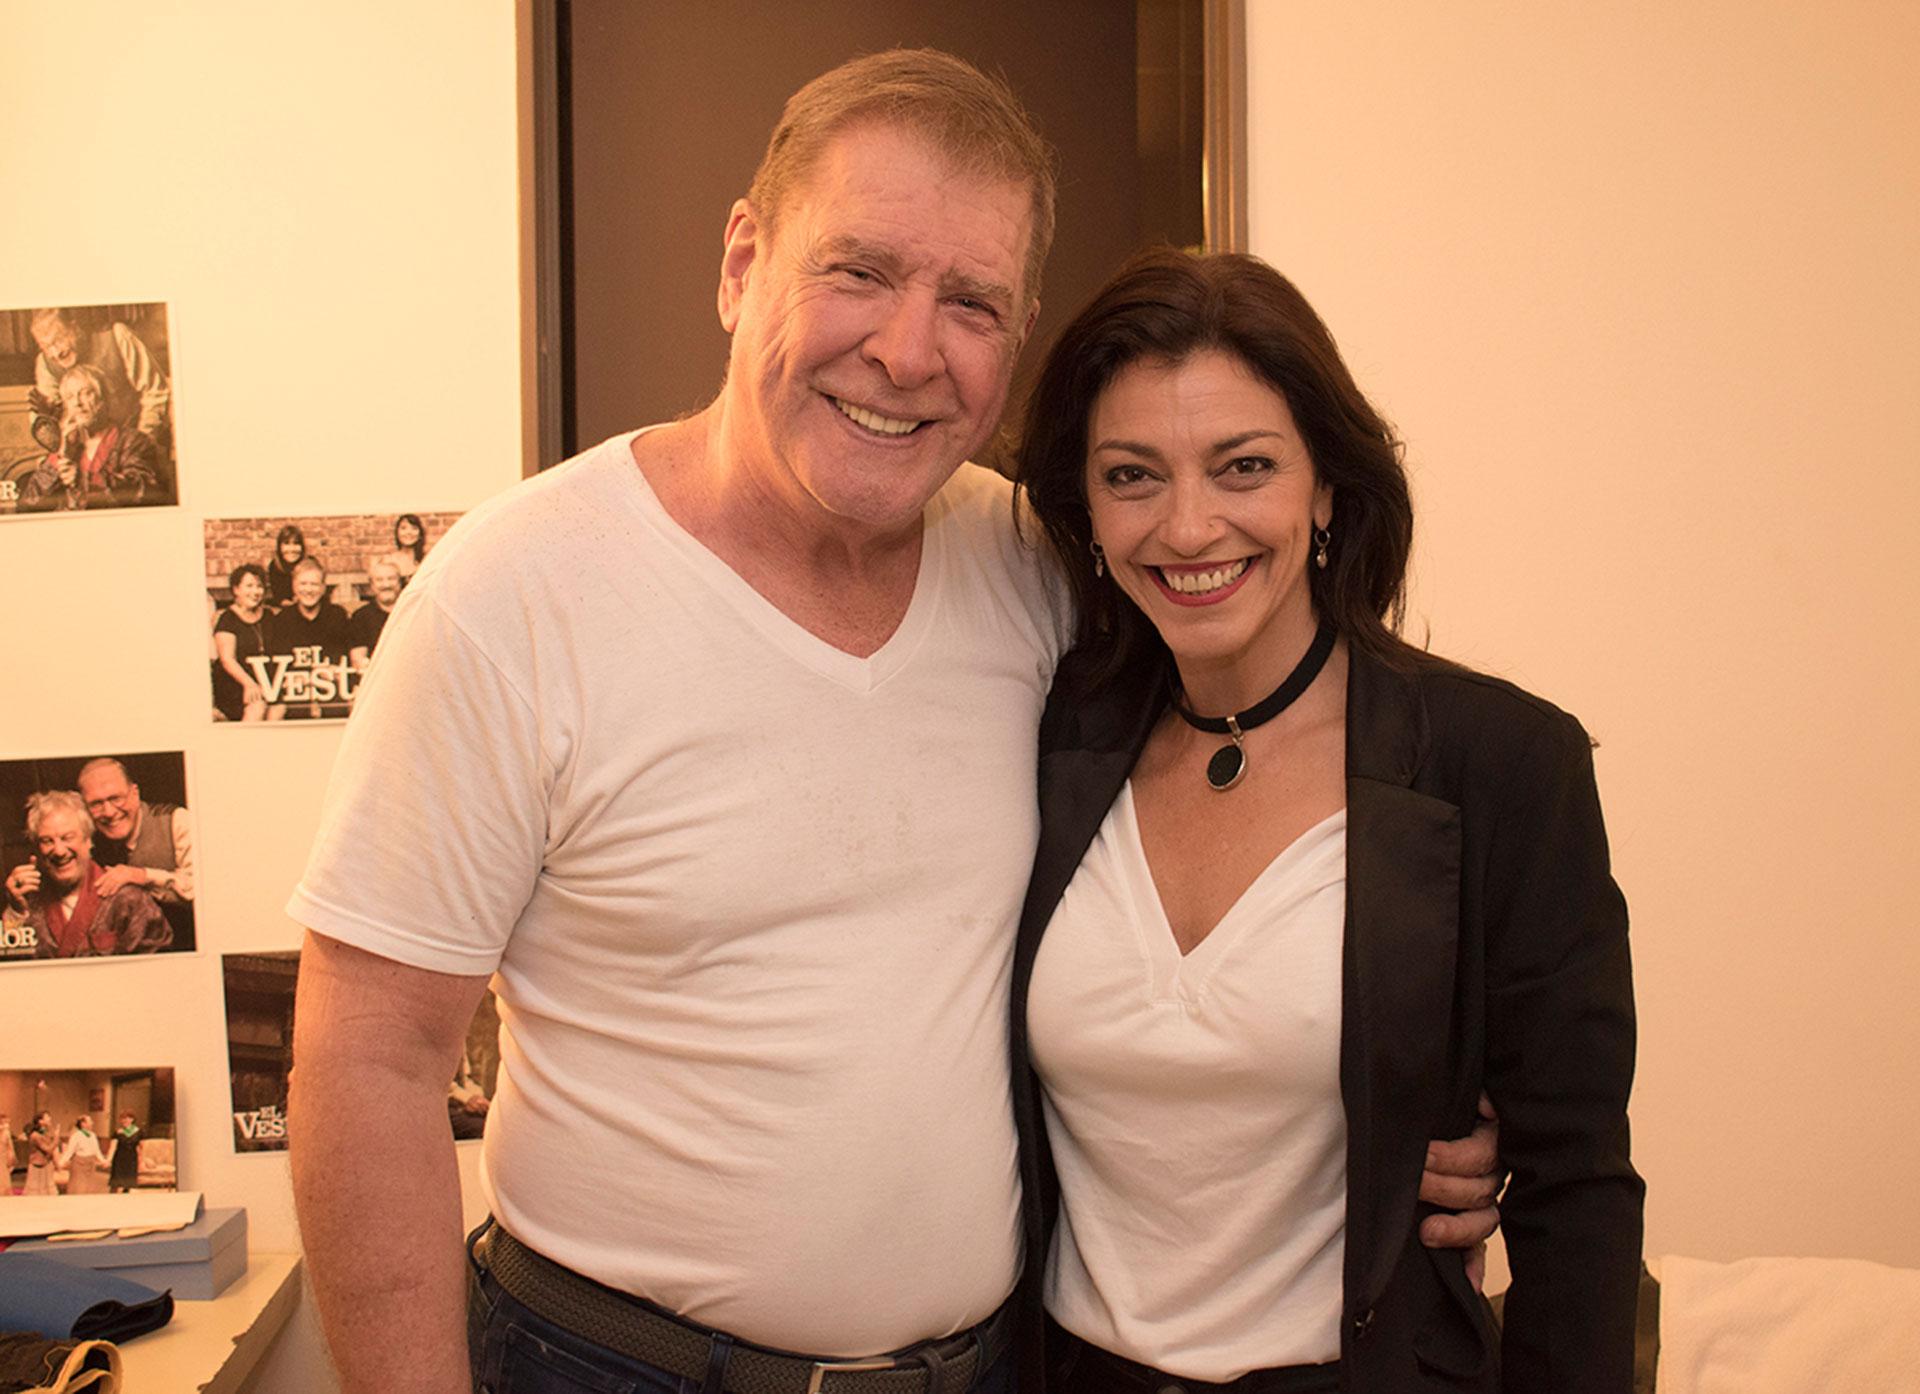 Nancy Anka visitó a Arturo Puig, con quien trabajó en 'Grande Pa' en camarines después de ver 'El vestidor'